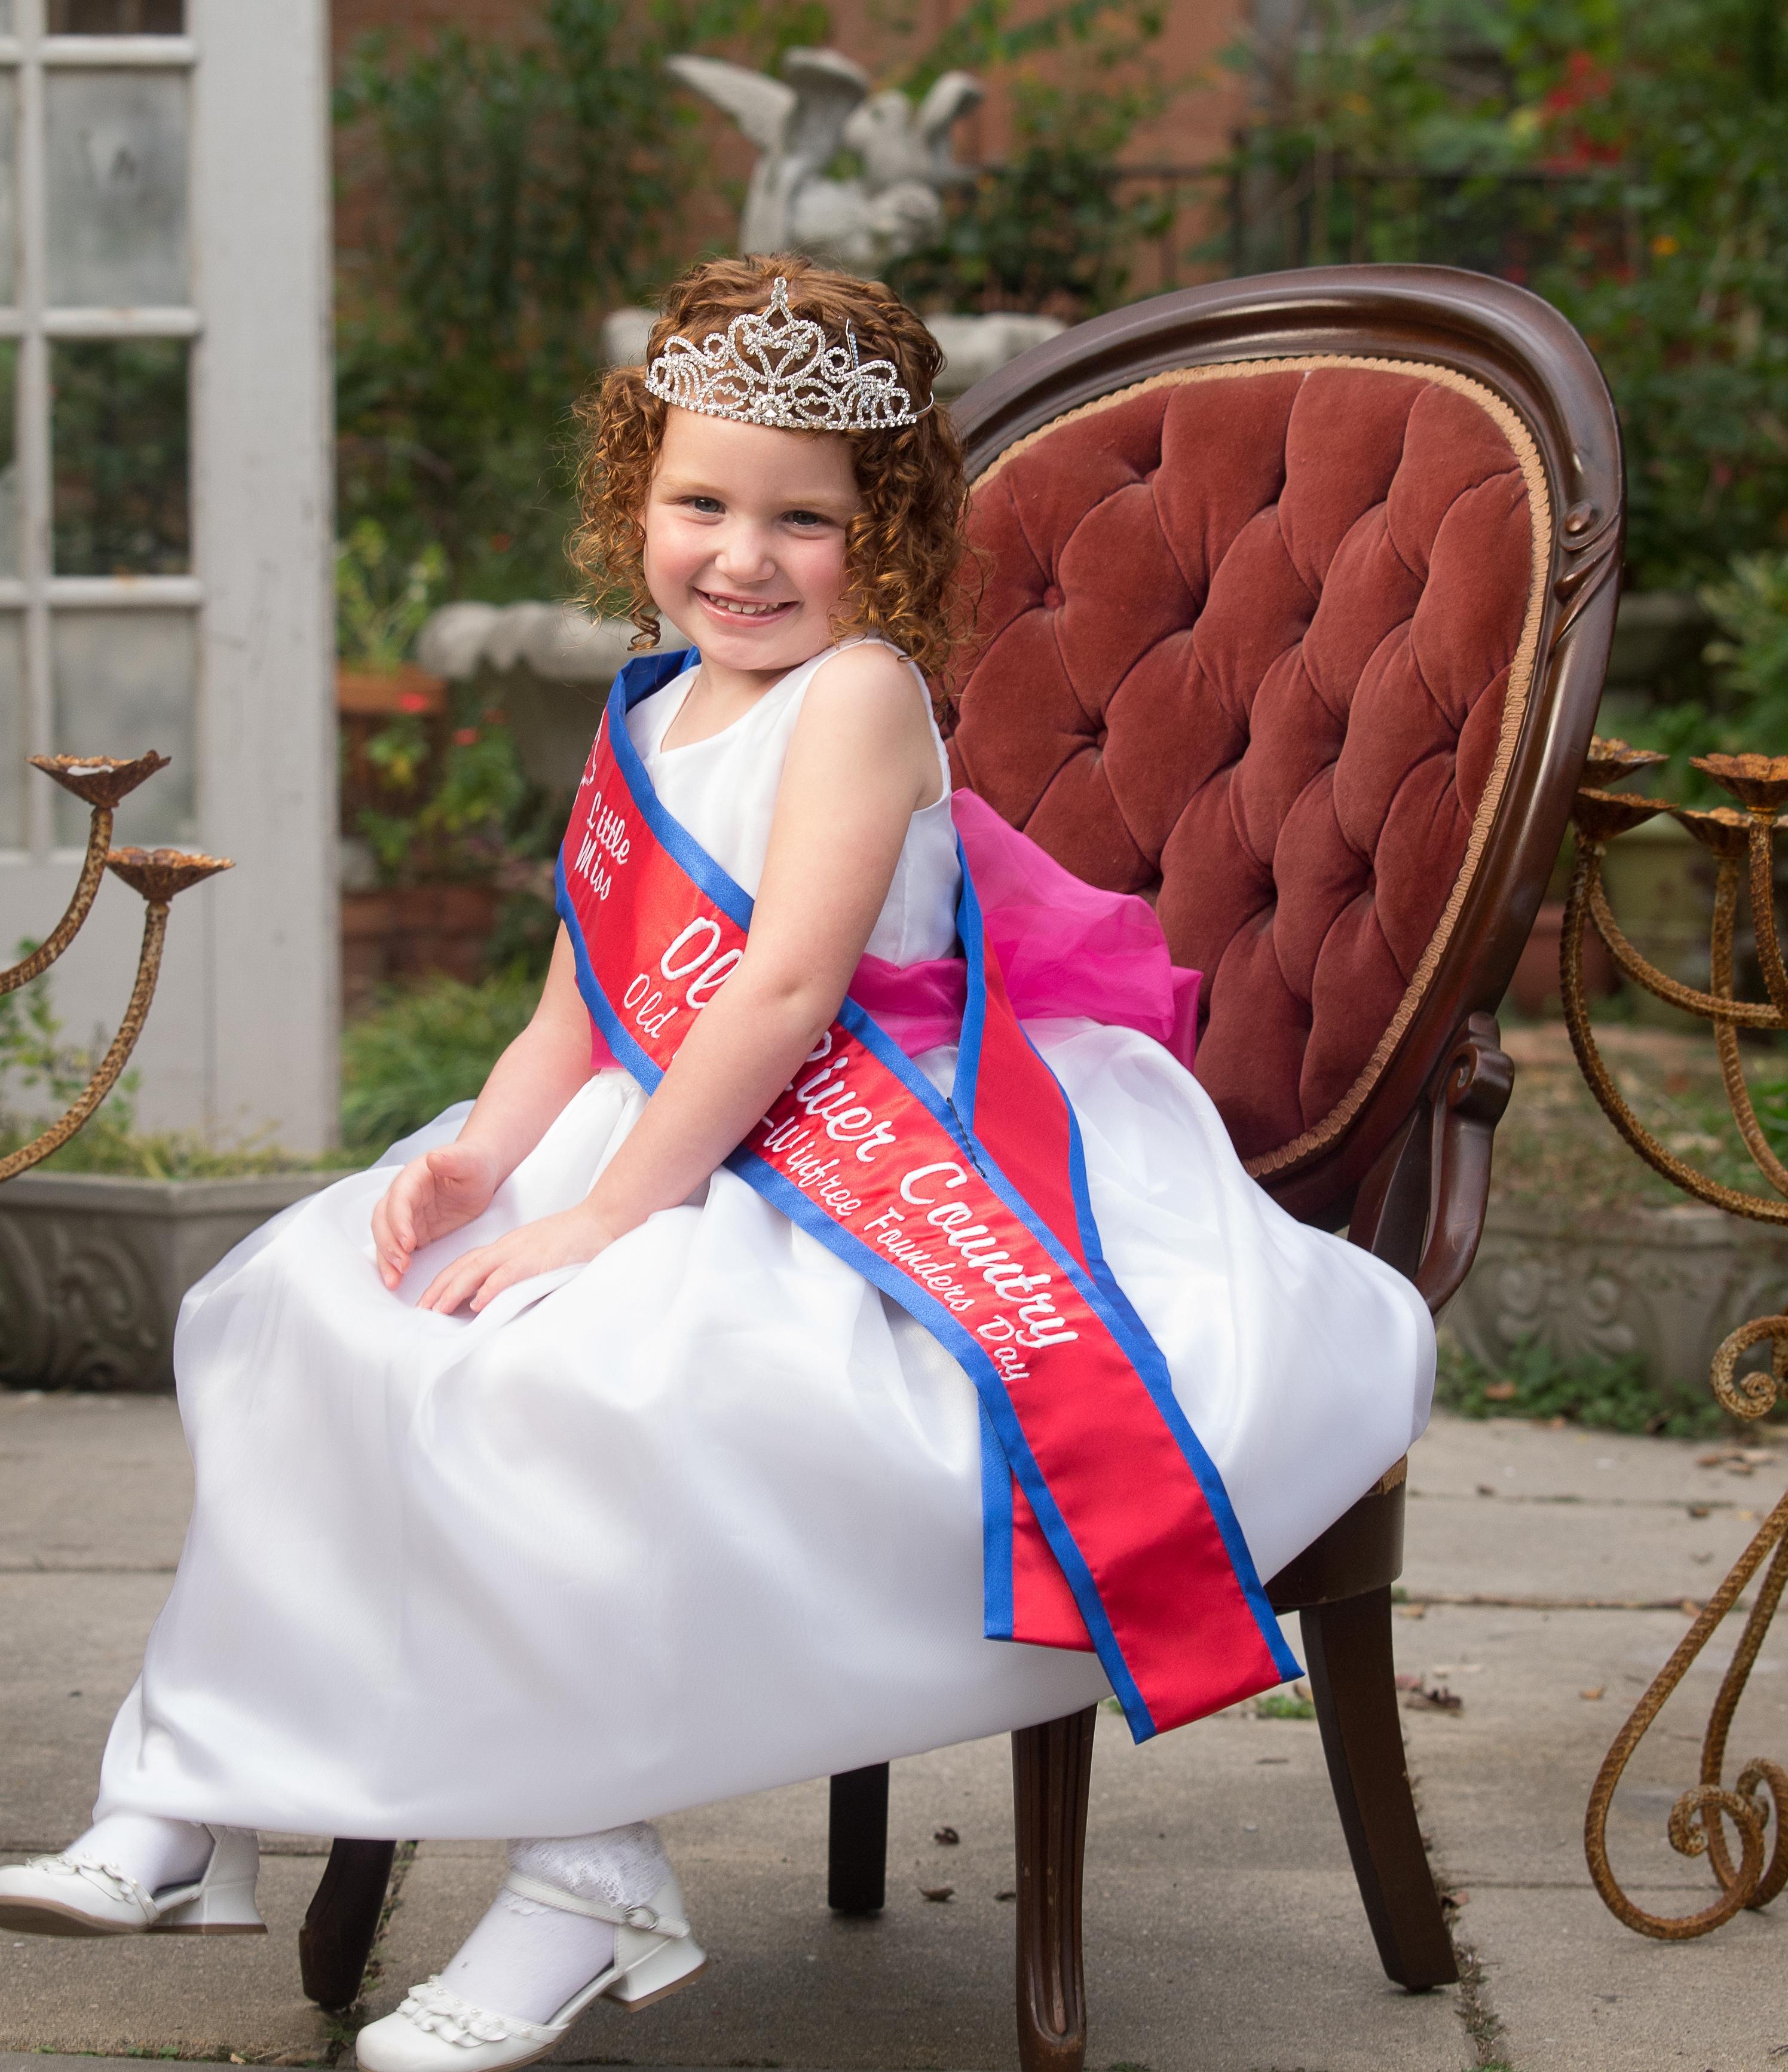 Child beauty pageant winner